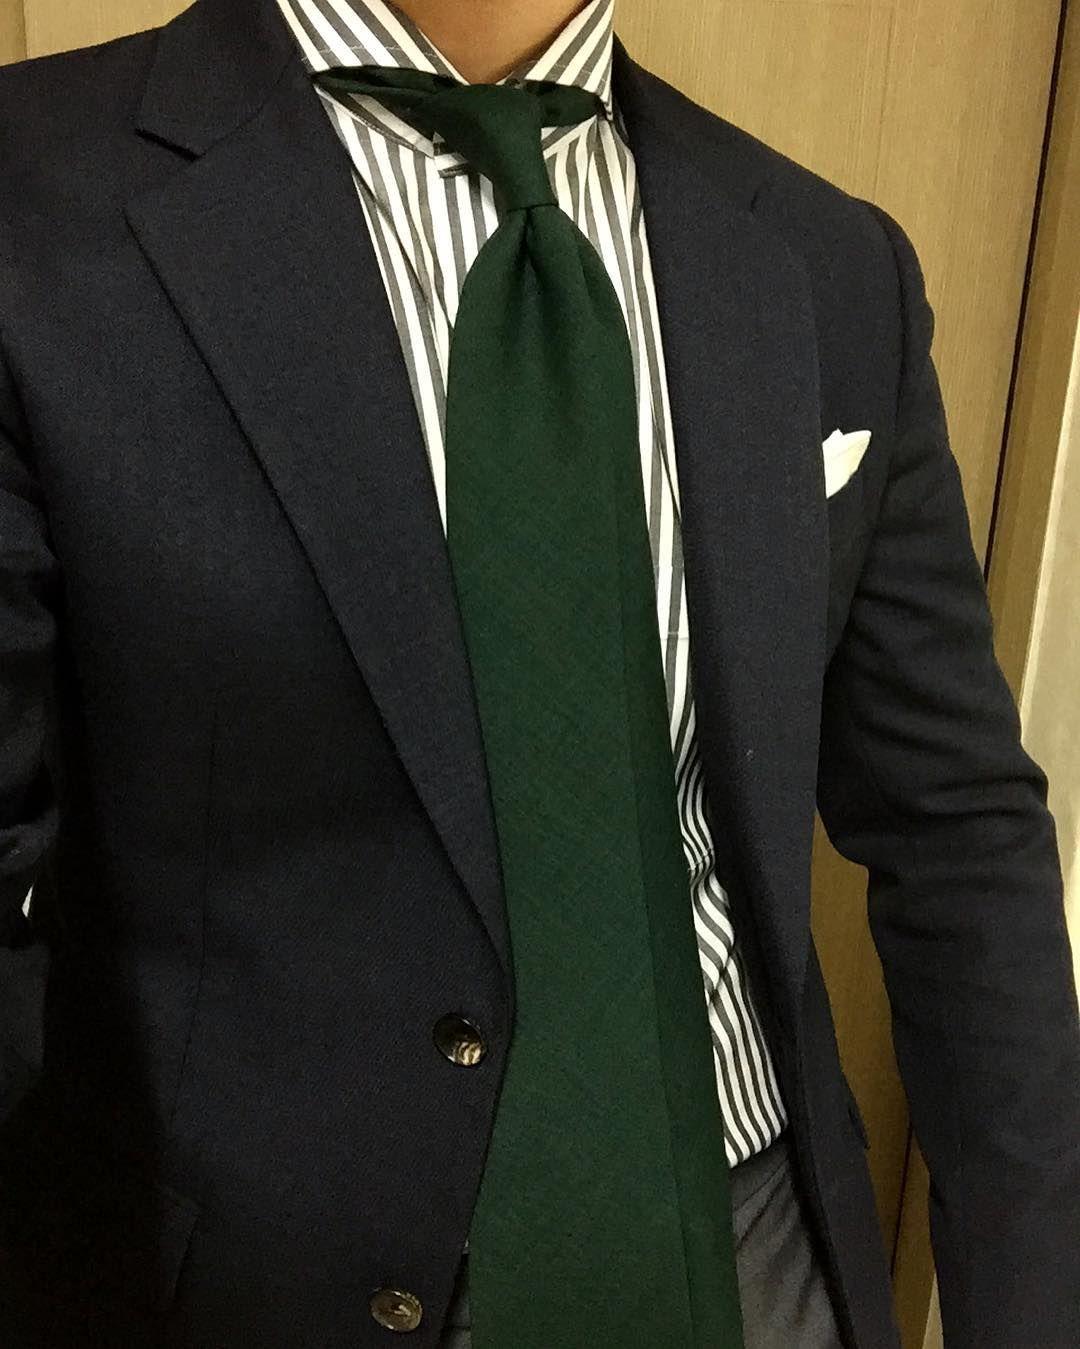 낯선 초록타이  #suit #tie #daily #dailylook #dailystyle #dailyfashion #dailywear #instalook #instastyle #instafashion #menswear #mensfashion #mensstyle #menslook #wiwt #ootd #정장 #데일리 #데일리룩 #수트 by youngtaekkk